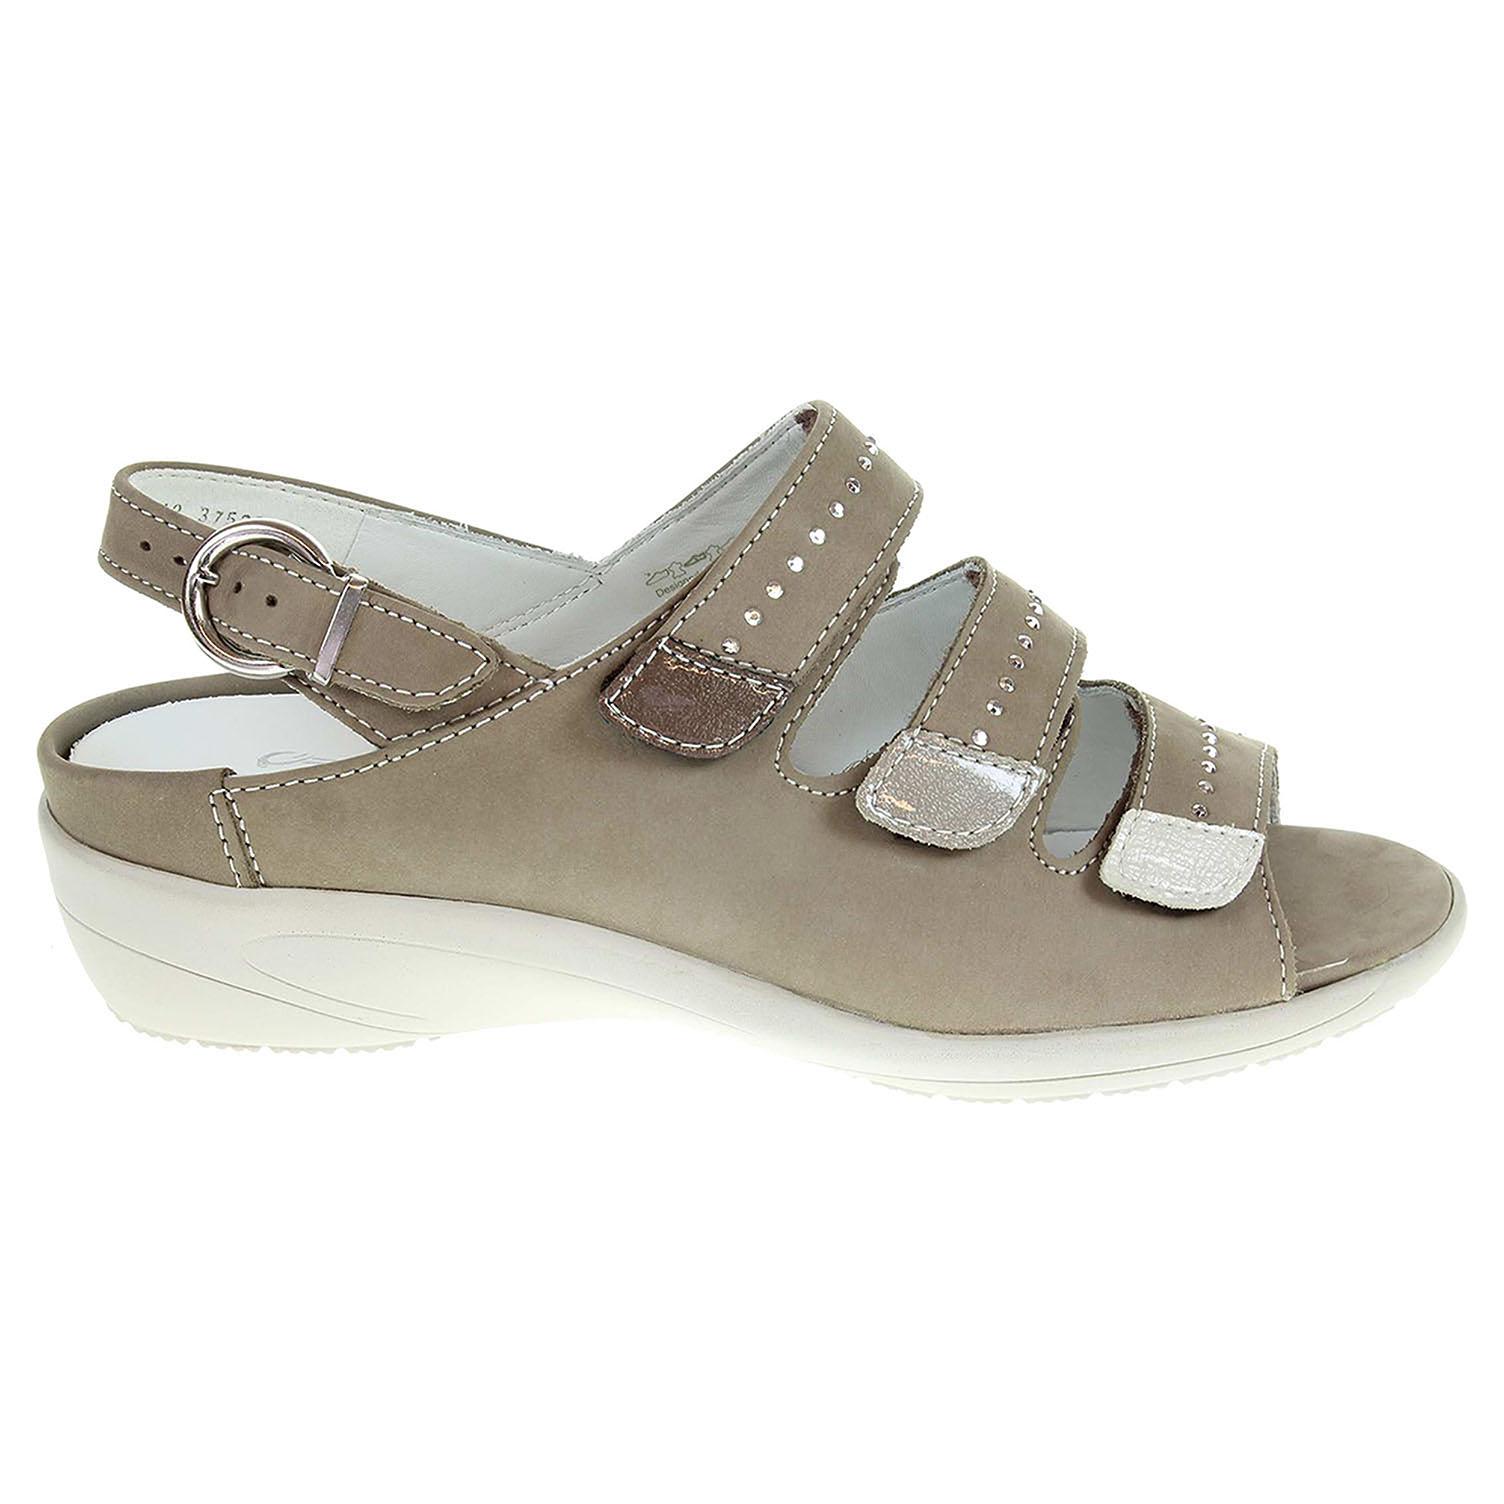 Ecco Ara dámské sandály 37525-09 béžové 23801204